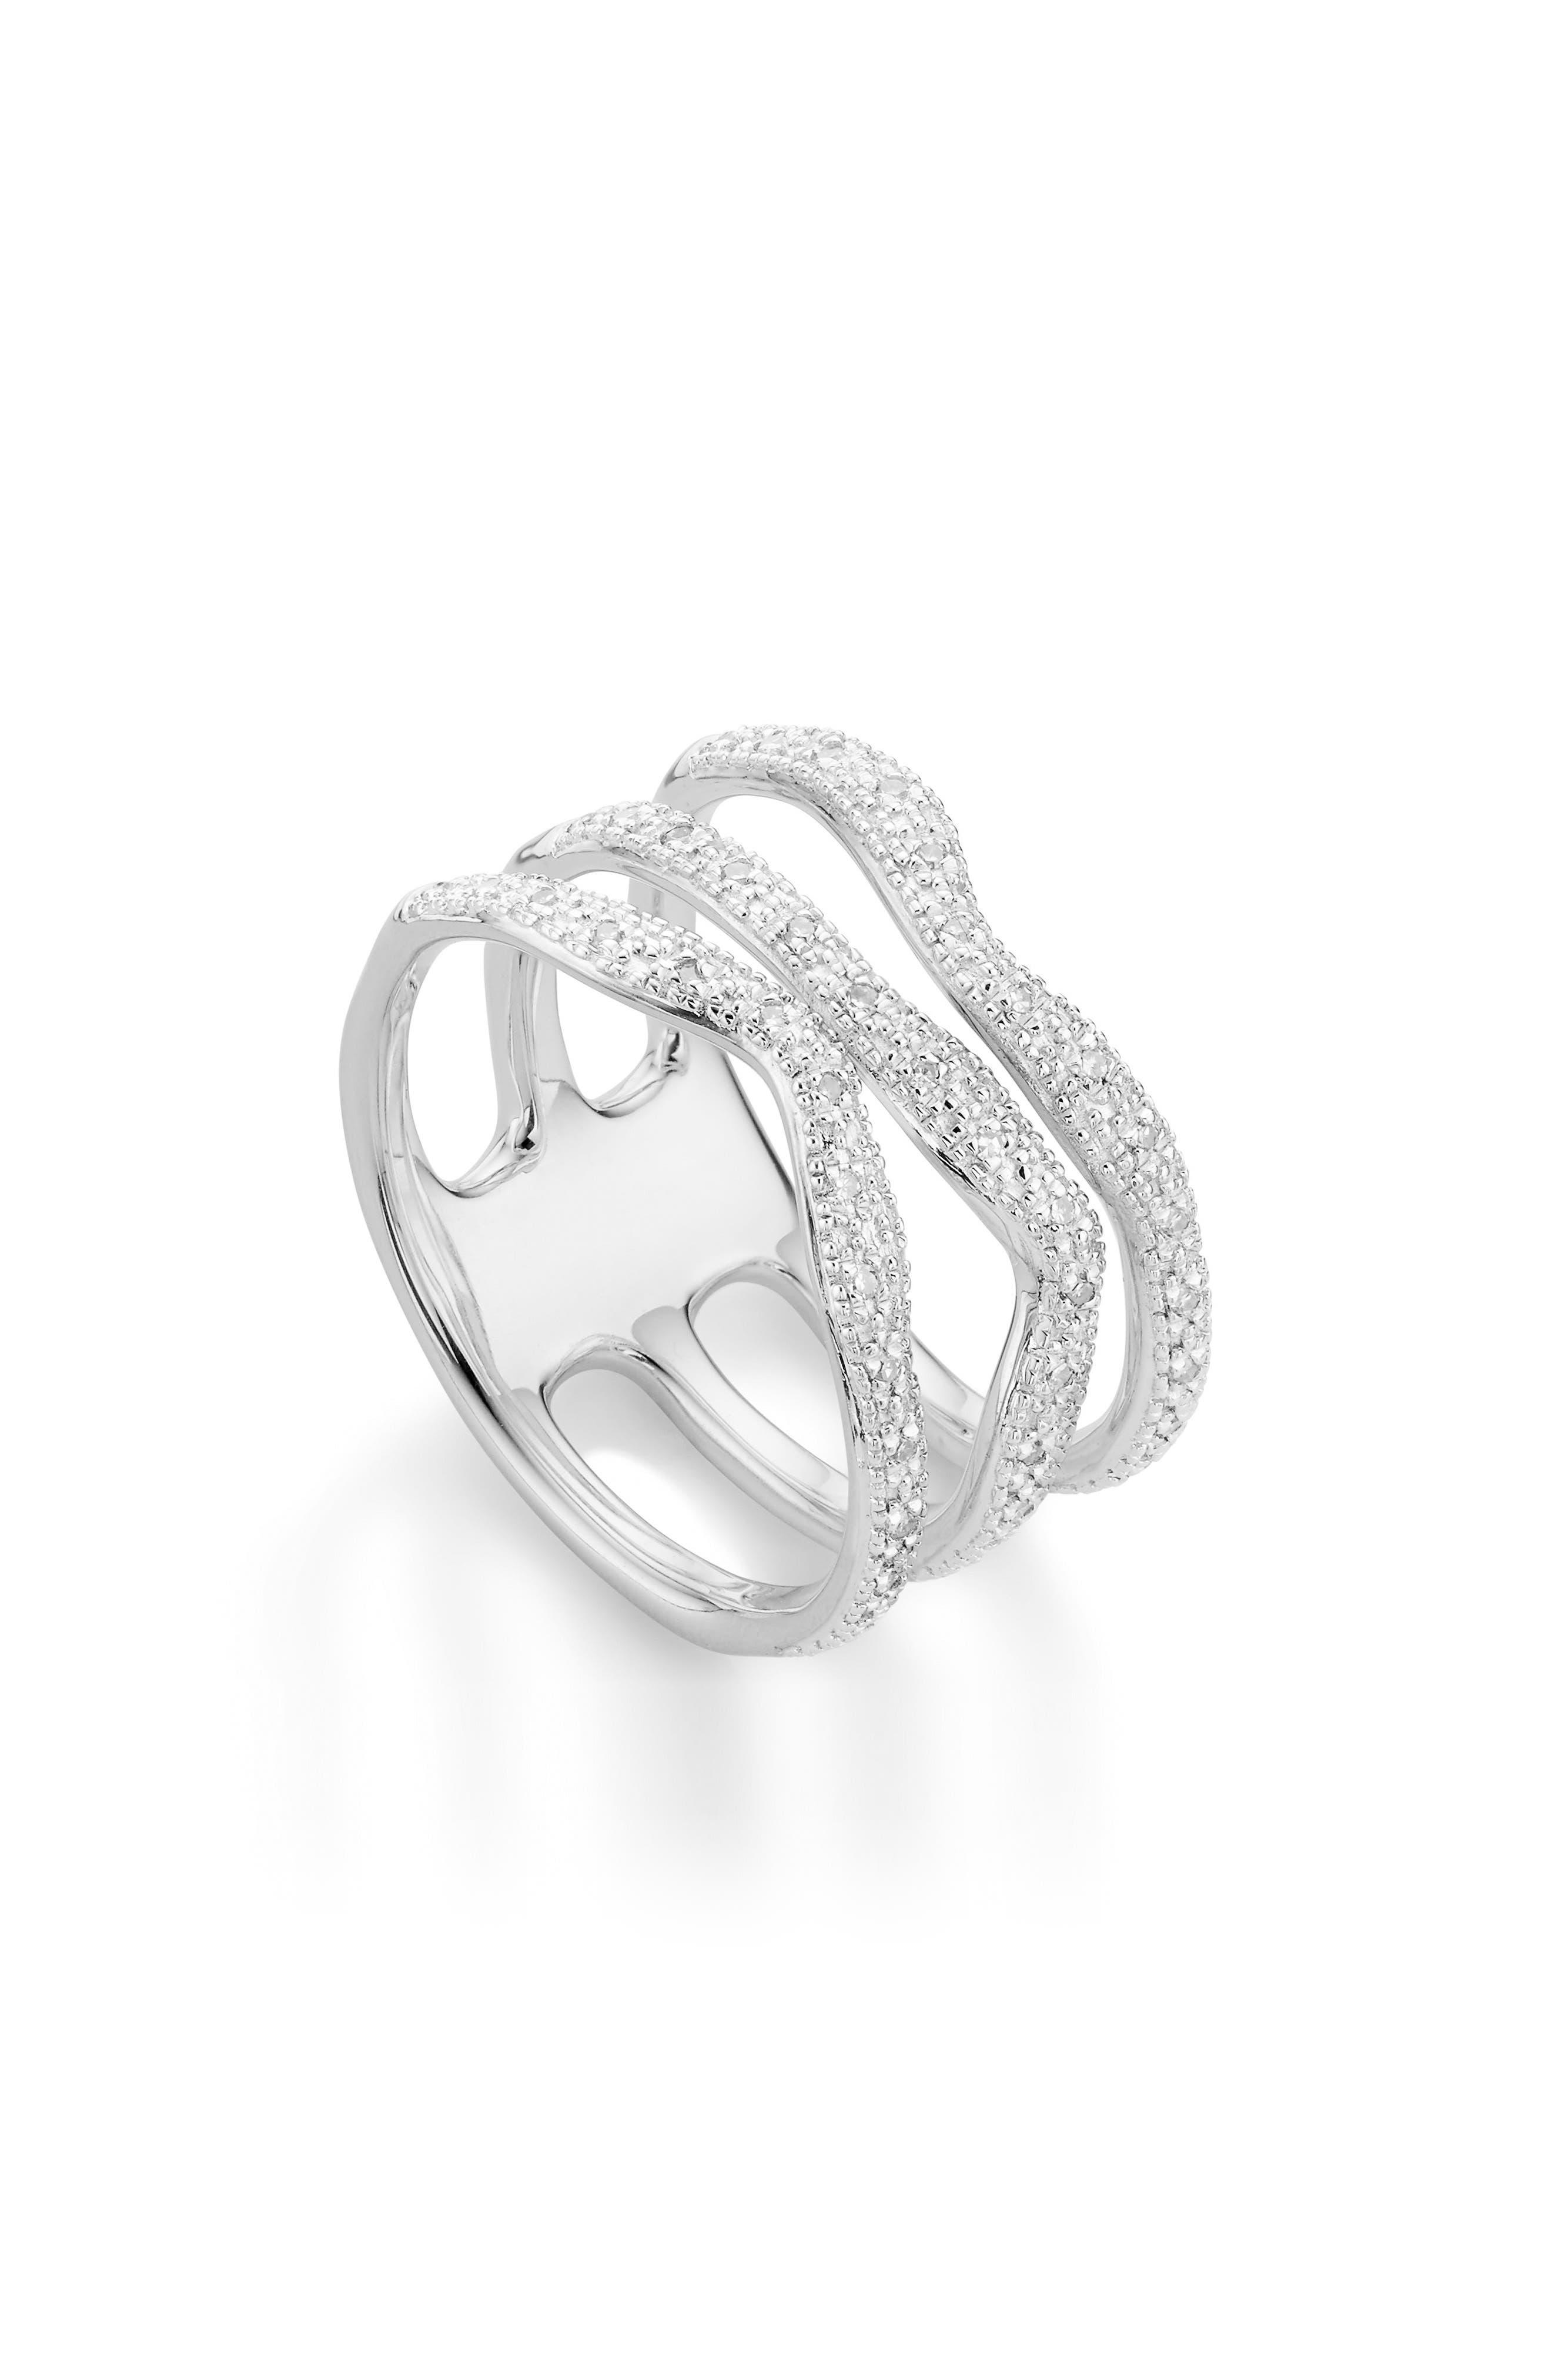 Riva Triple Wave Diamond Ring,                             Alternate thumbnail 2, color,                             SILVER